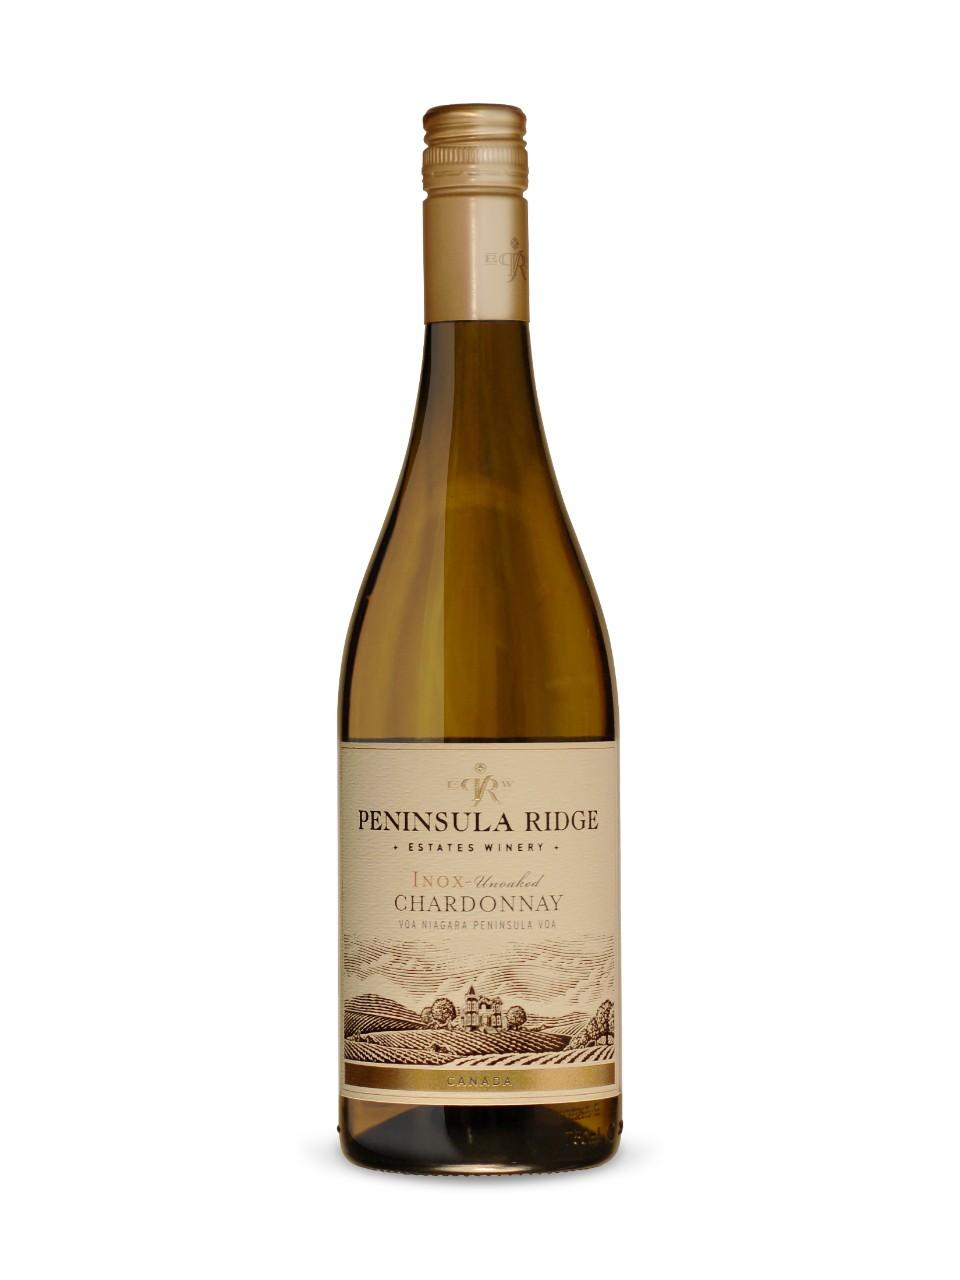 Peninsula Ridge Inox Chardonnay Vqa Lcbo